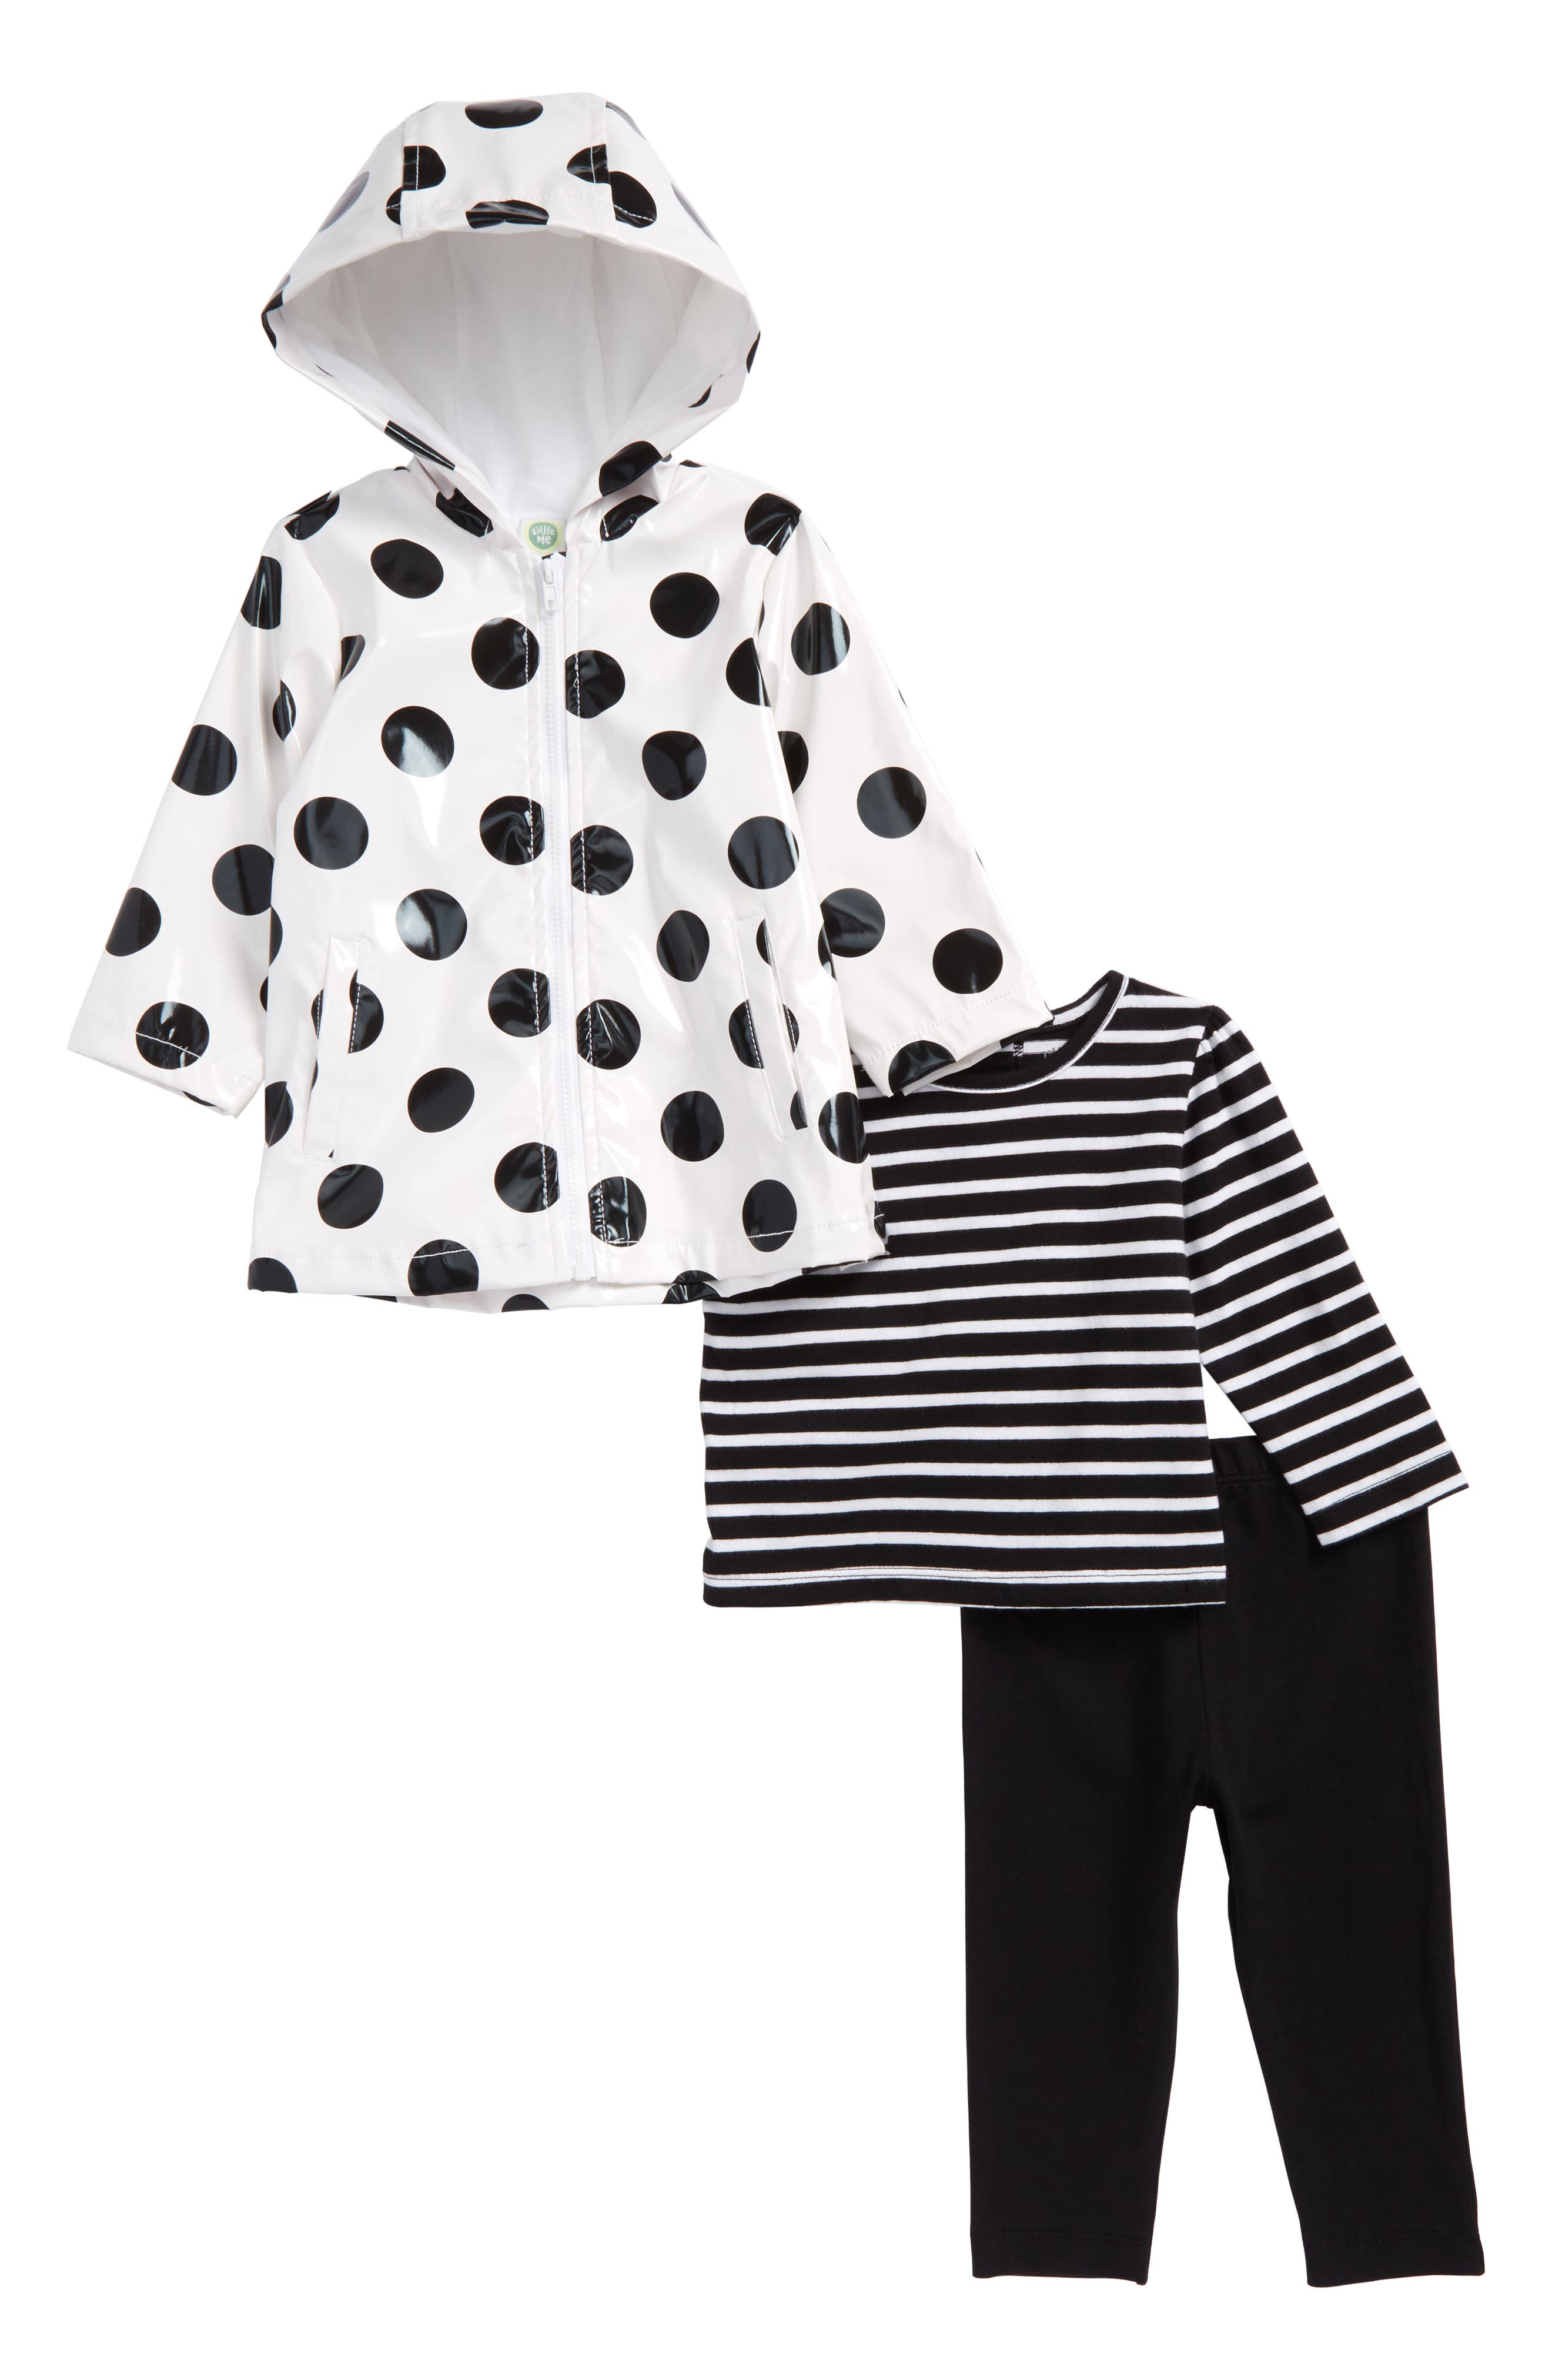 Daisy Stripe Tee, Leggings & Polka Dot Hooded Raincoat Set,                         Main,                         color, Black